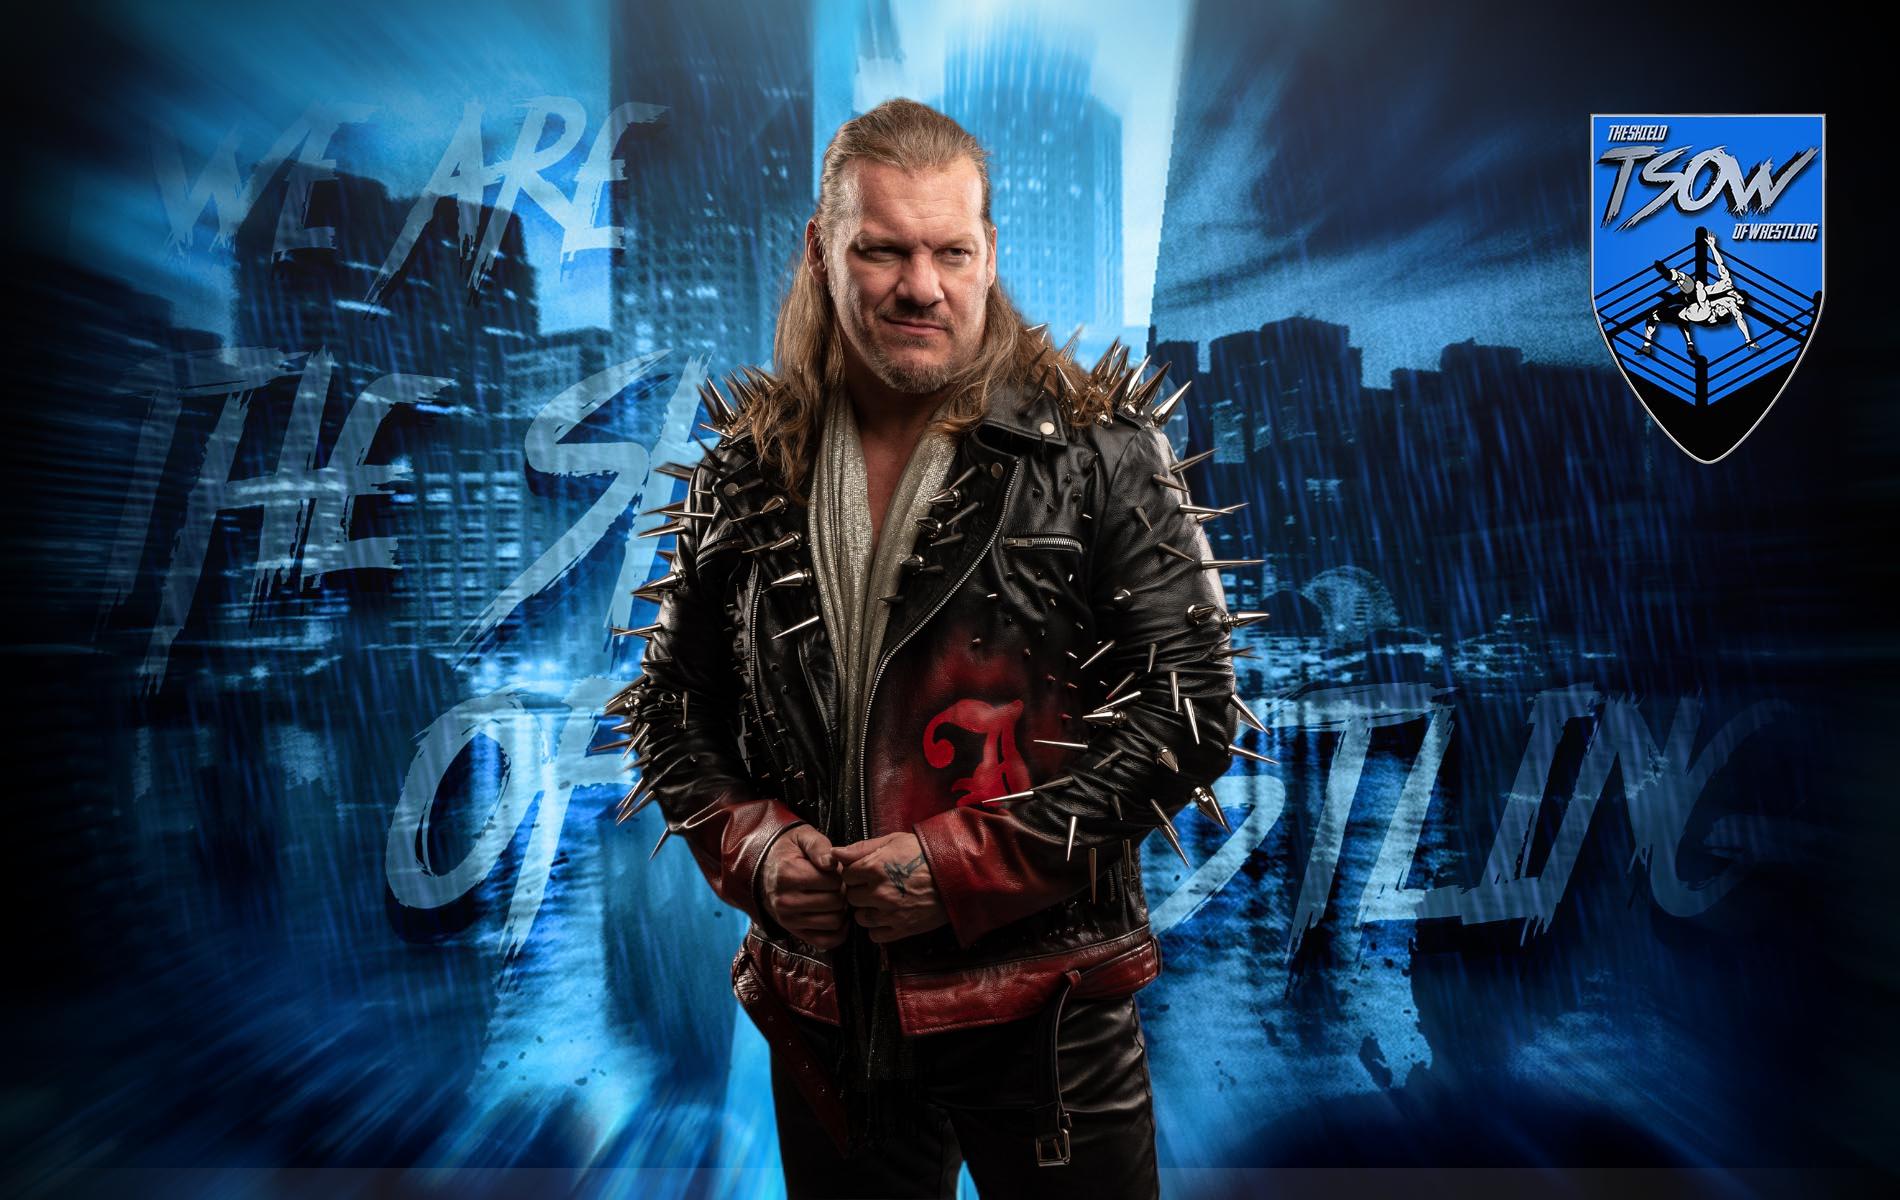 Chris Jericho: i wrestler AEW si sfidano sulle note di Judas